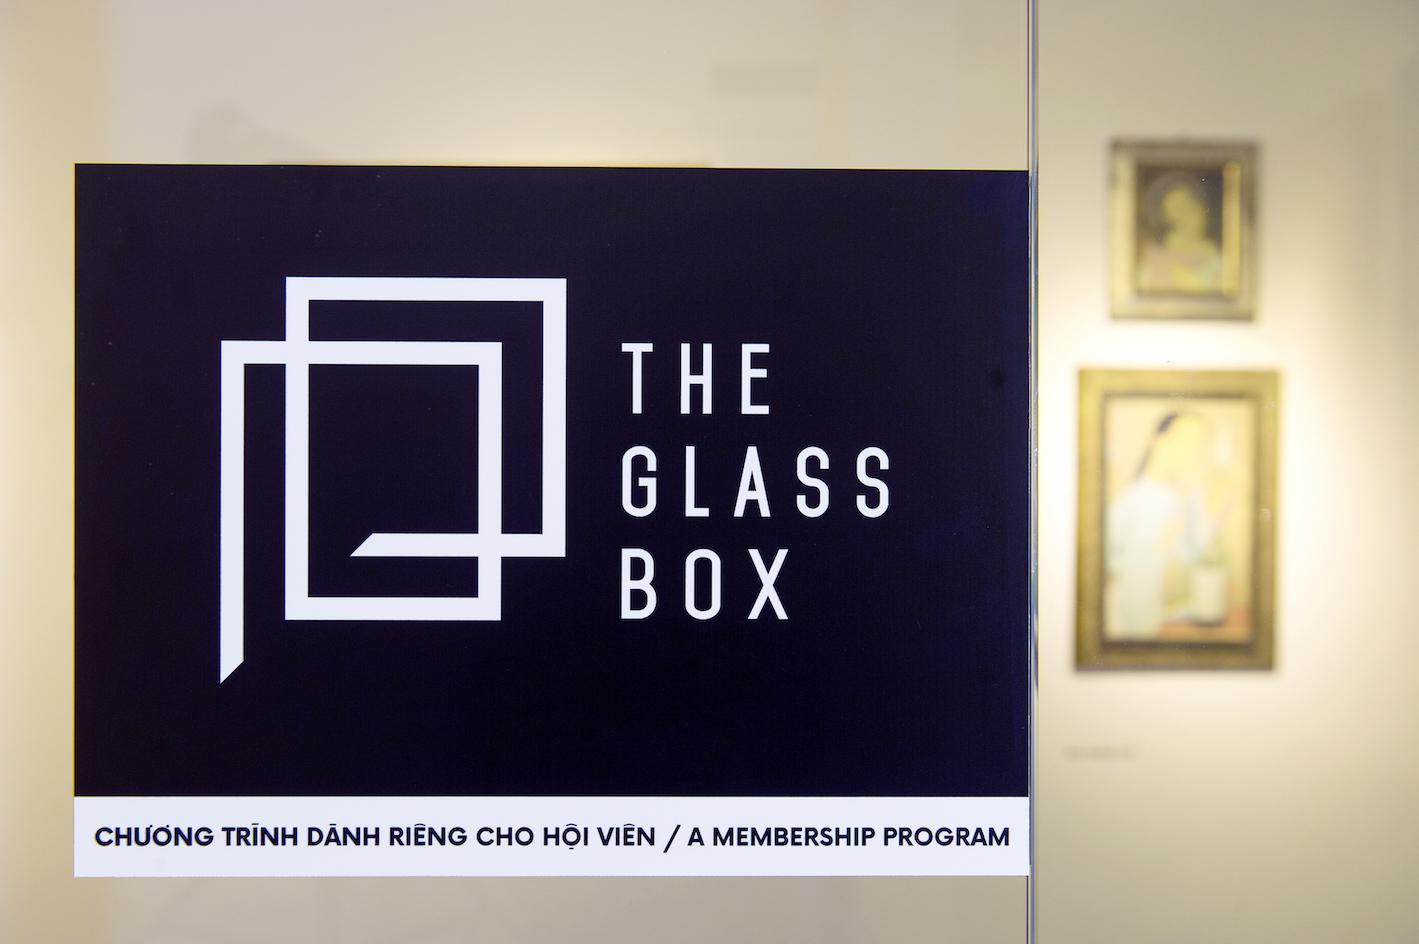 THE GLASS BOX: PHIÊN BẢN 1